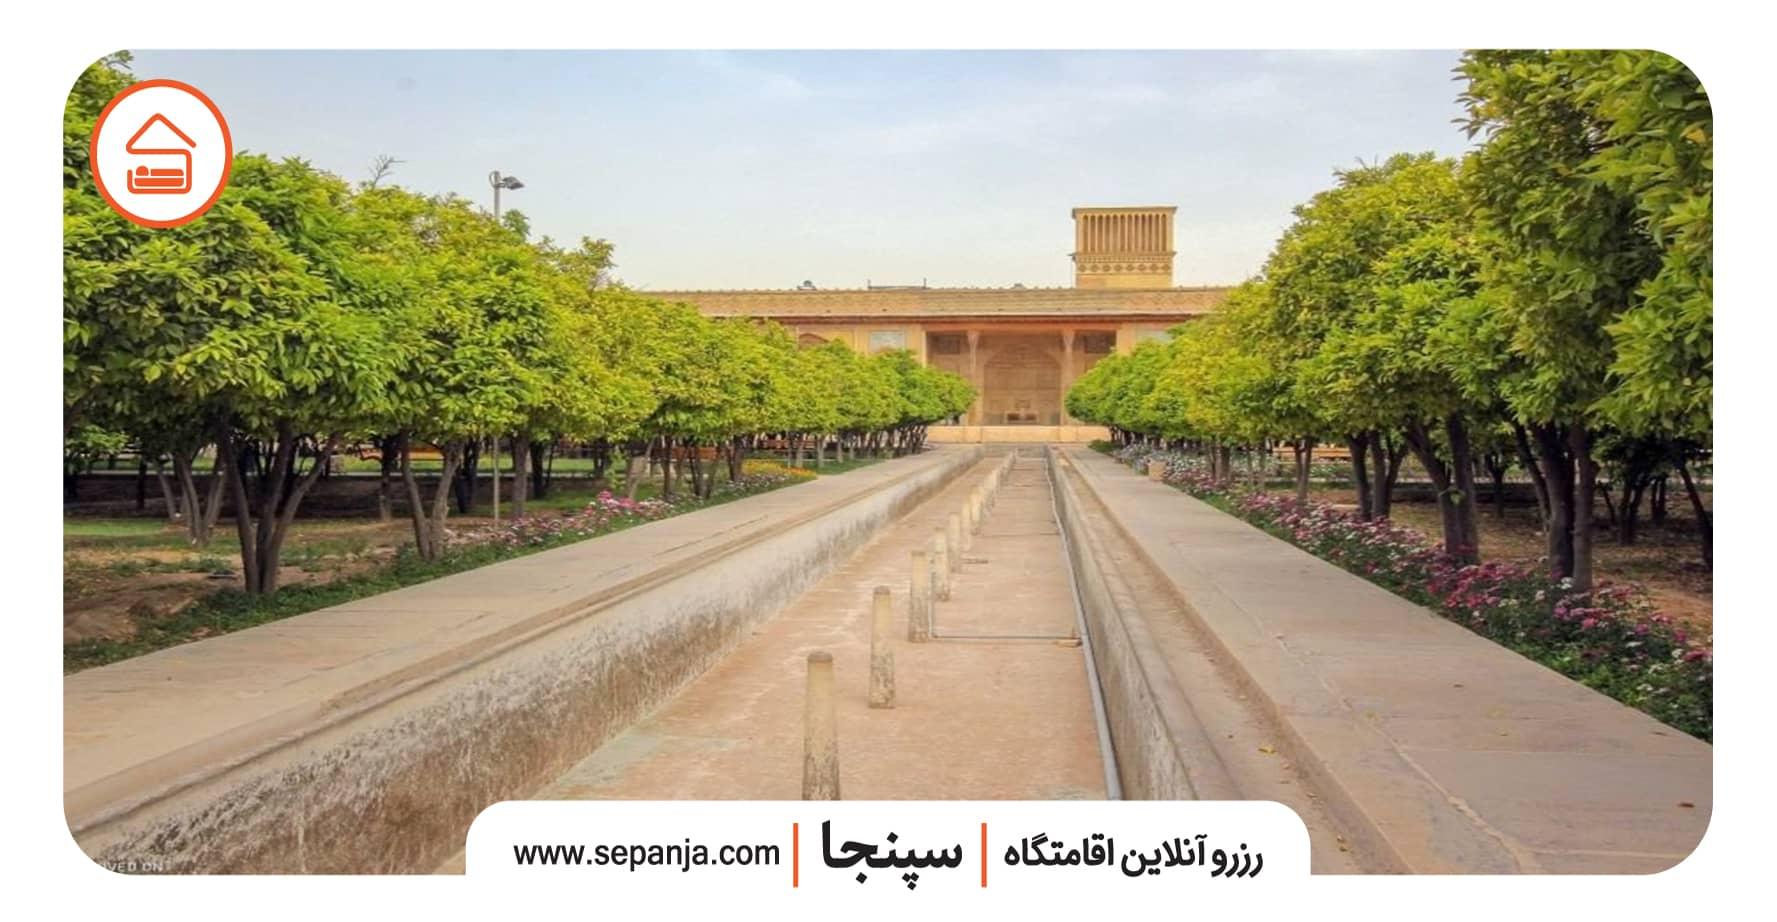 نمایی از حیاط ارگ کریمخان در شیراز